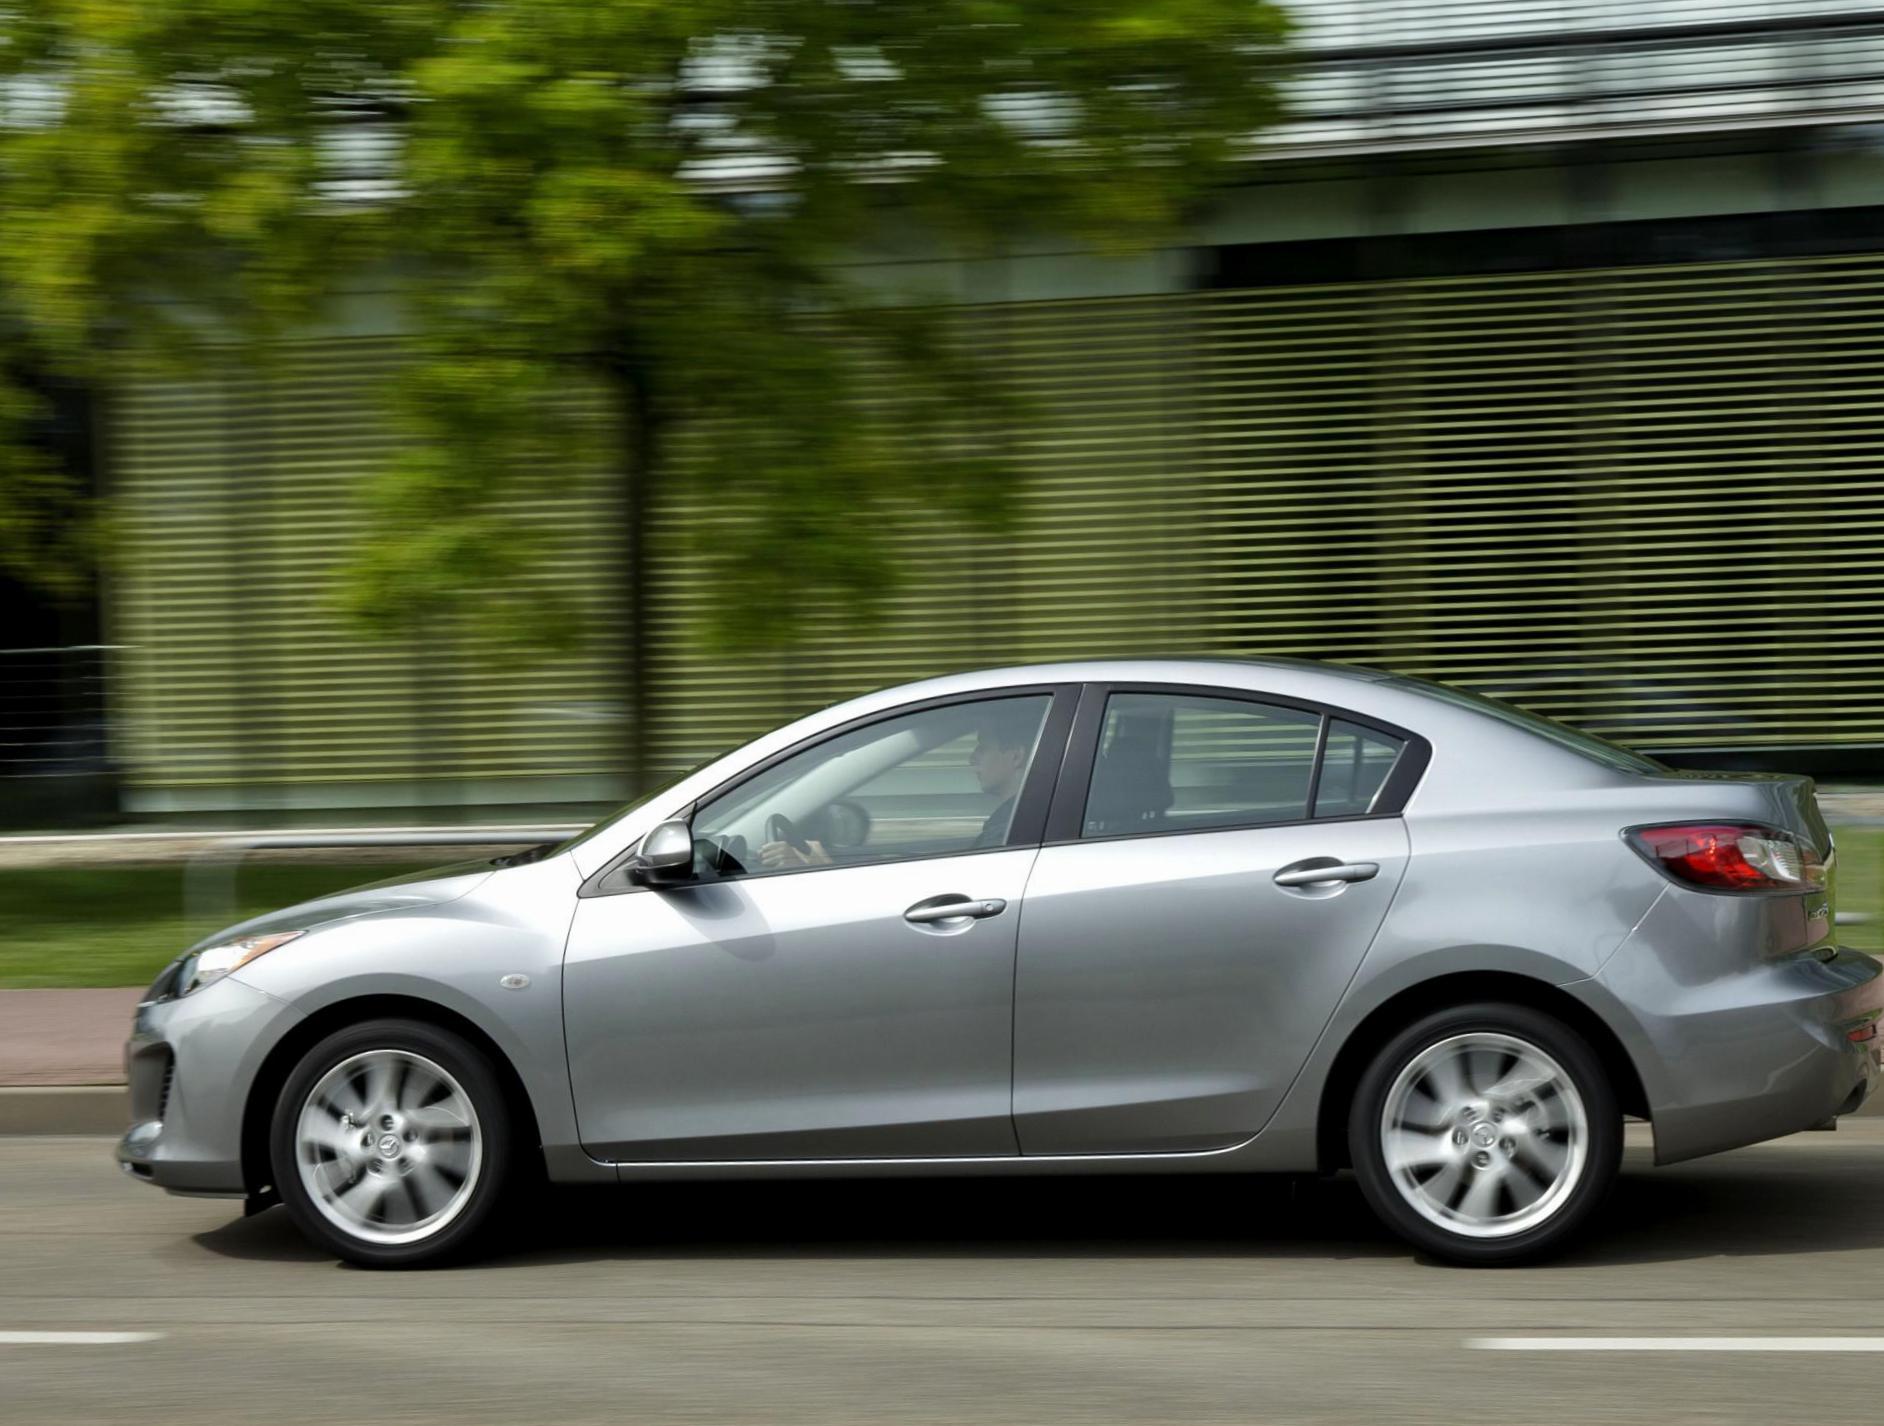 Mazda 3 Sedan Tuning 2014